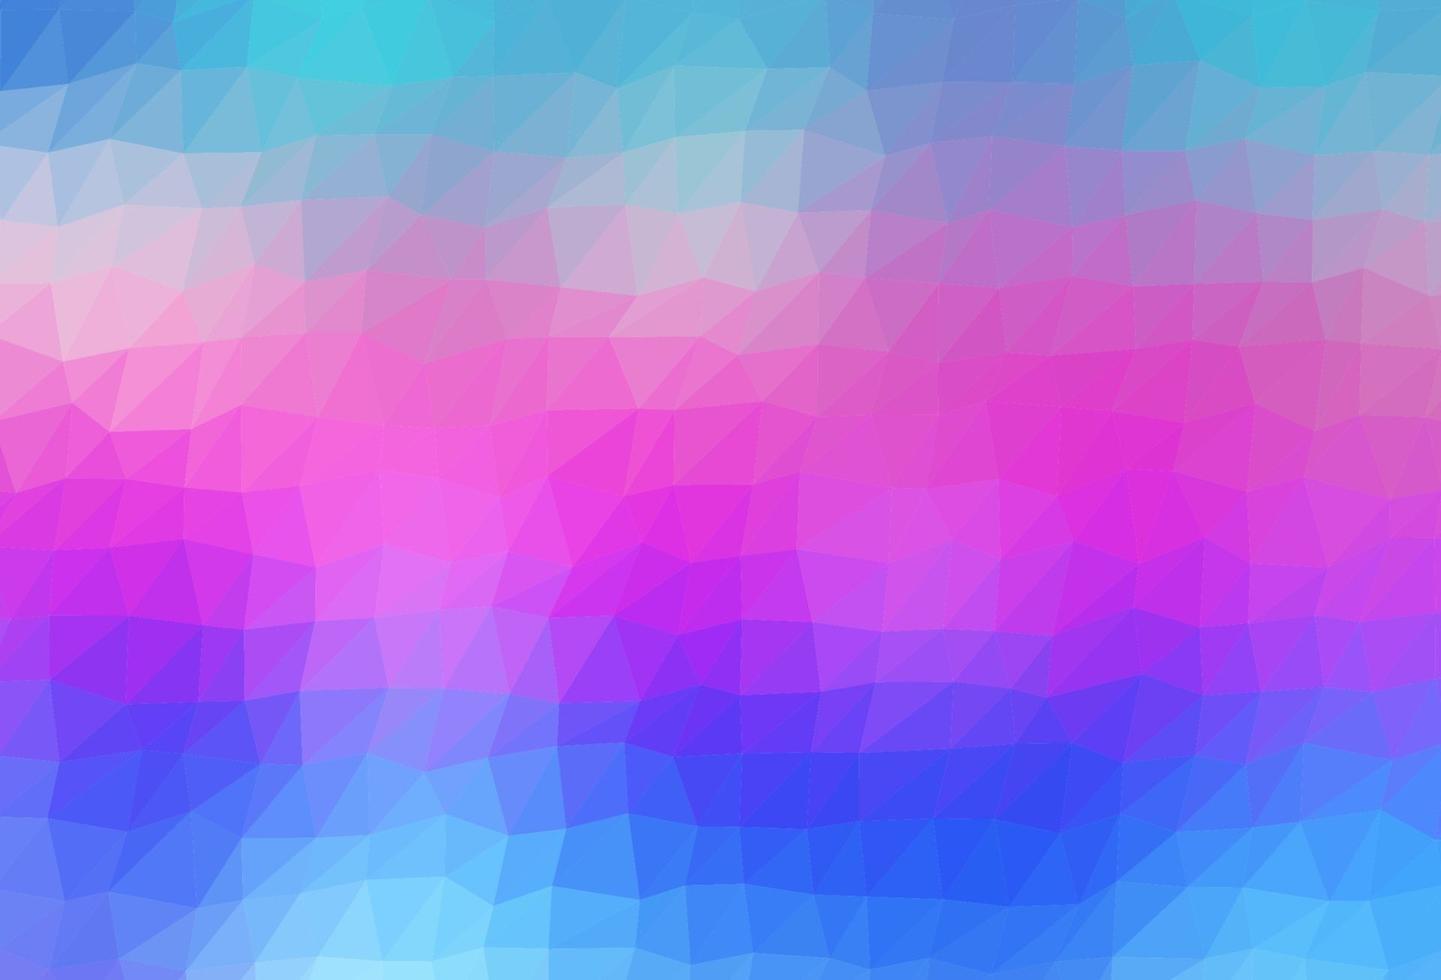 luz multicolor, vetor de arco-íris brilhando com fundo triangular.